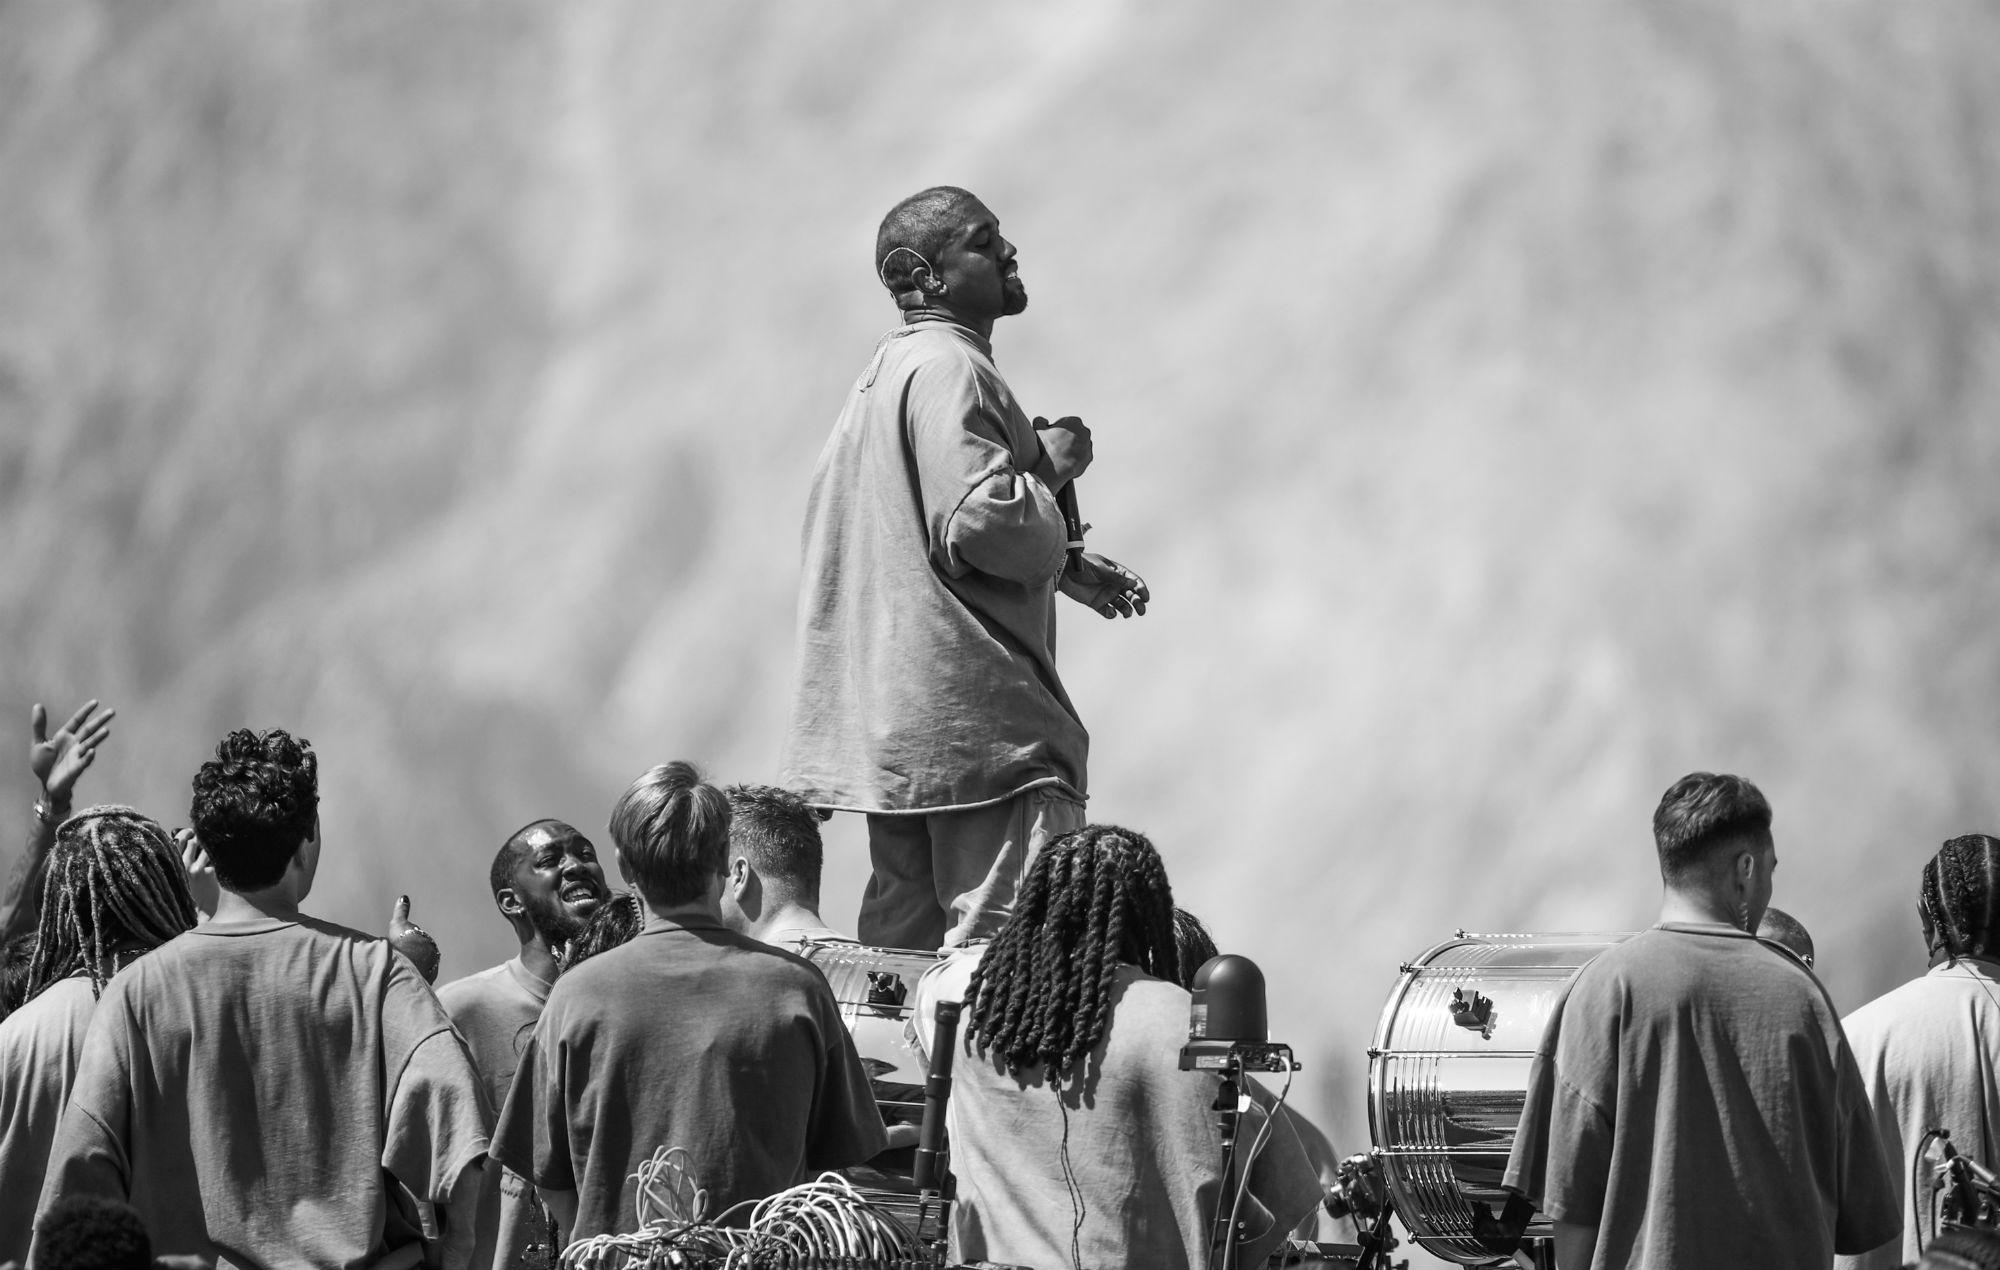 Kanye West's Sunday Service at Coachella 2019